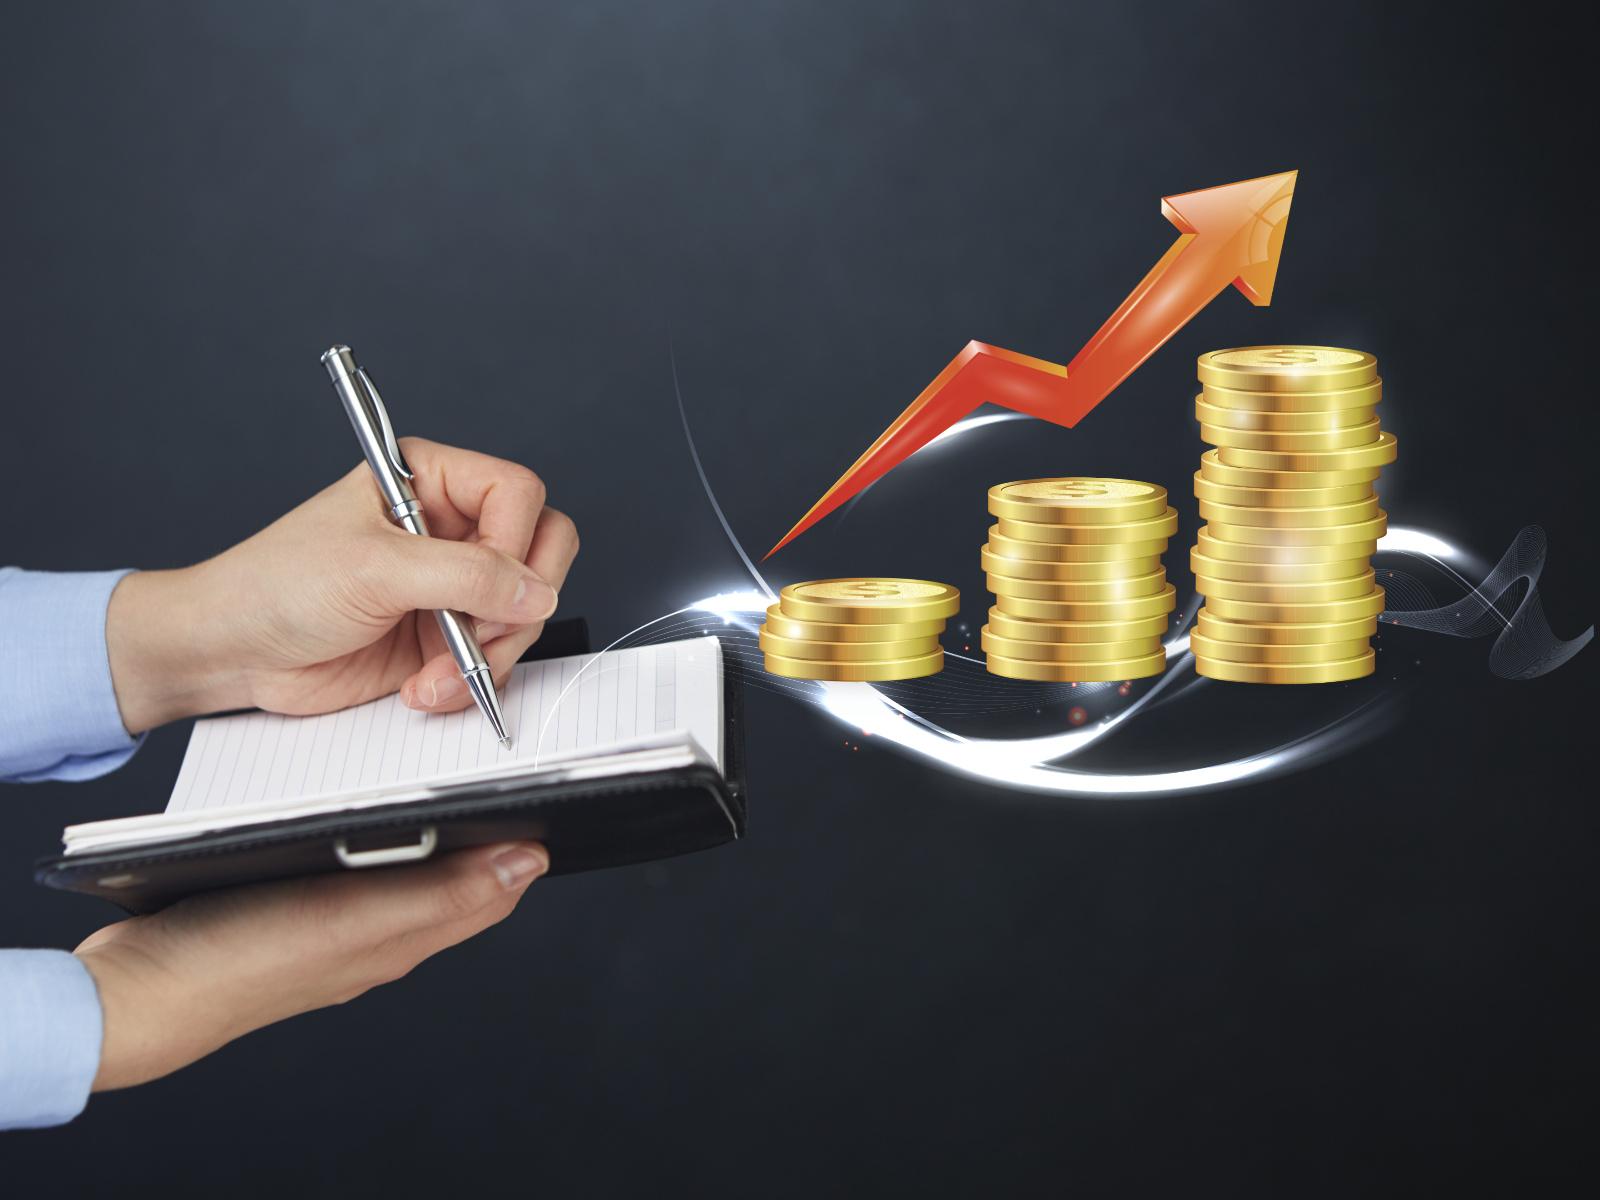 第89話|小売の売上分析、2つの指標だけで考える小売業の「データ分析的な戦略」